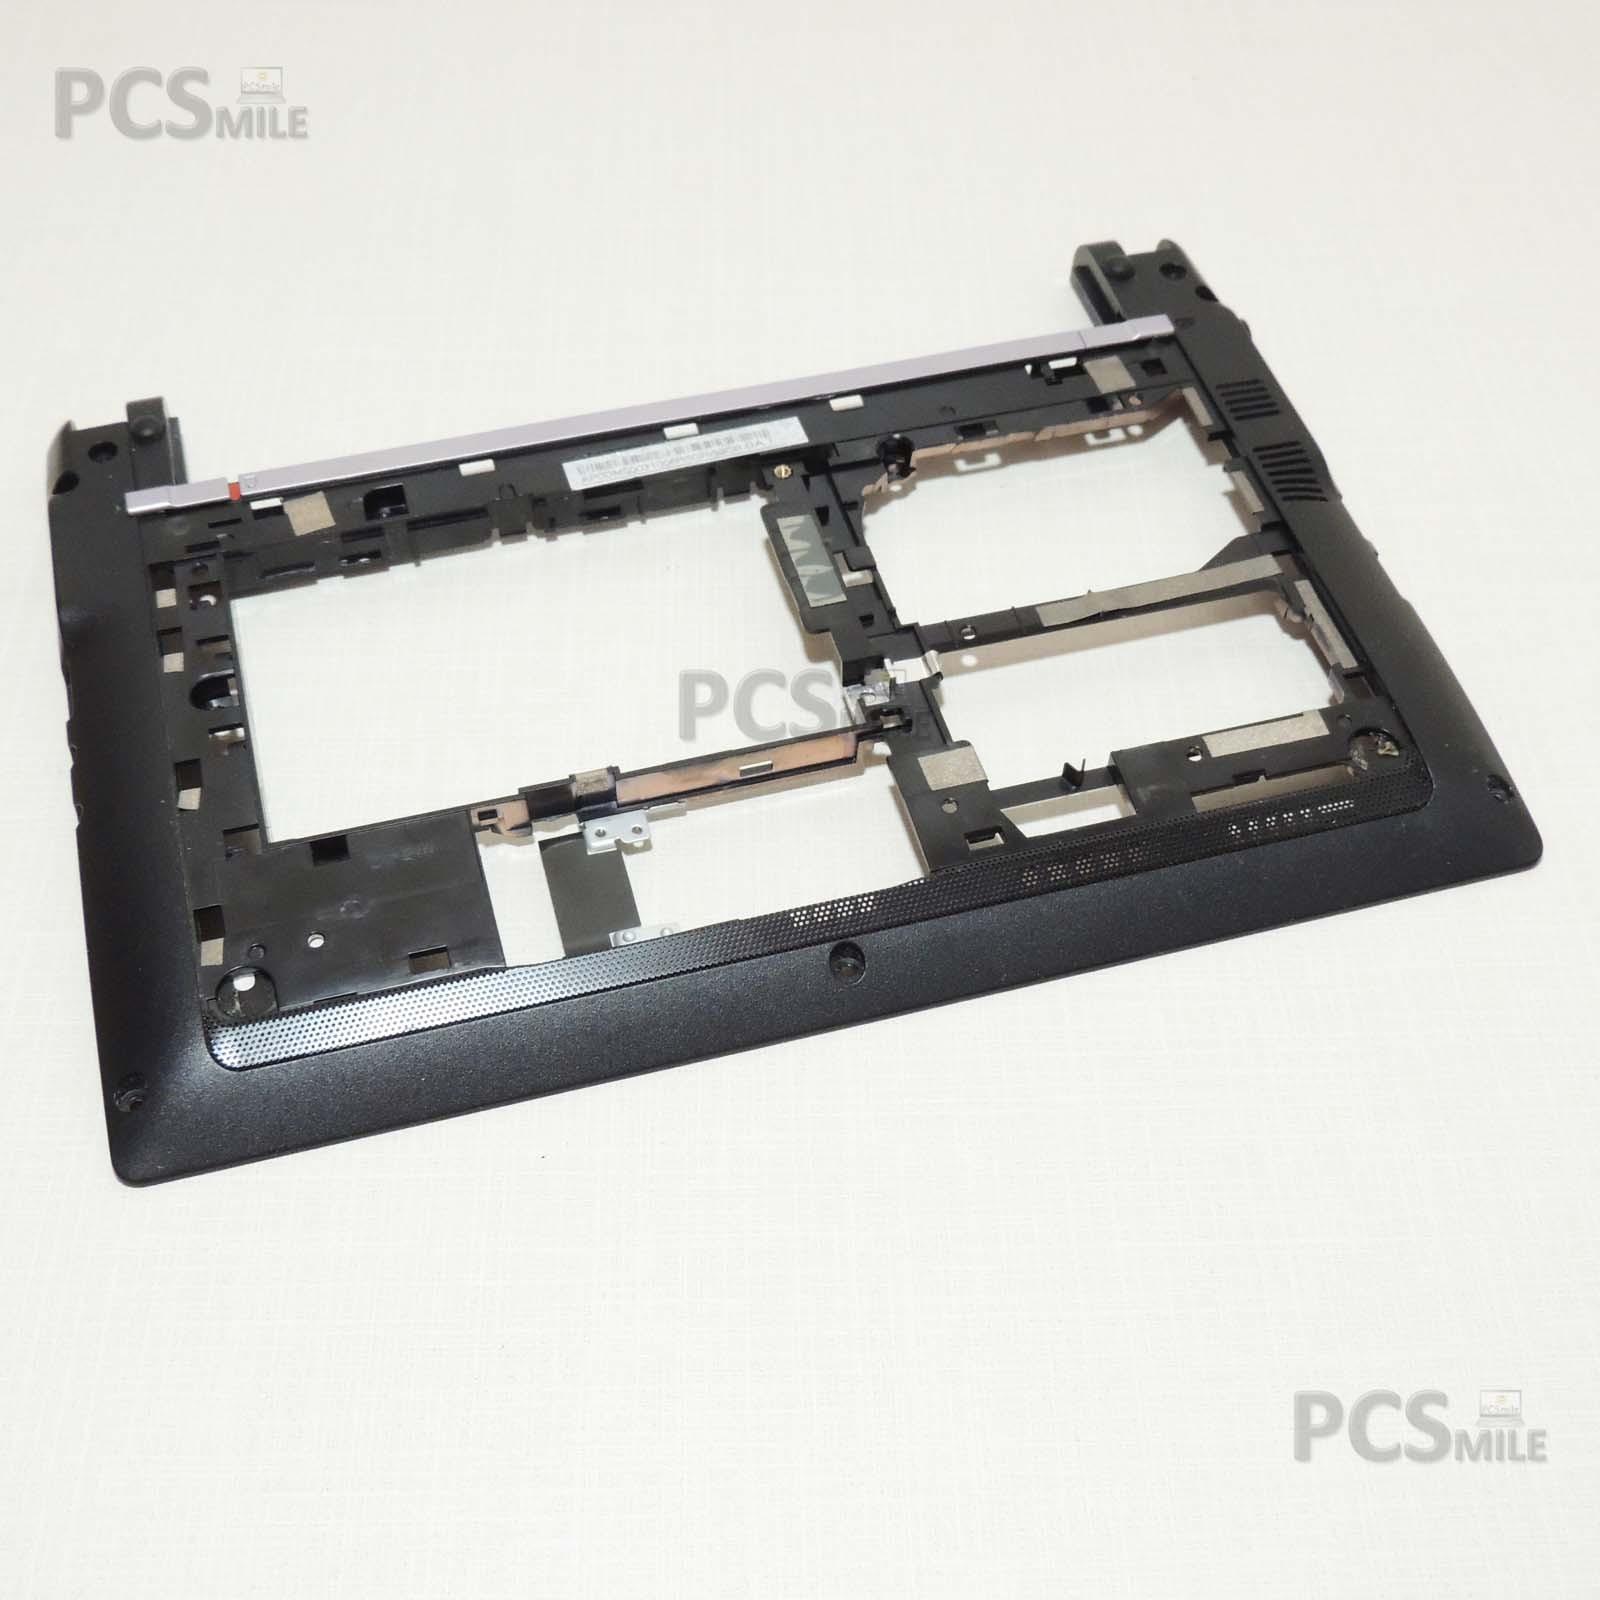 Scocca posteriore originale Acer Aspire One D260 cover plastica base